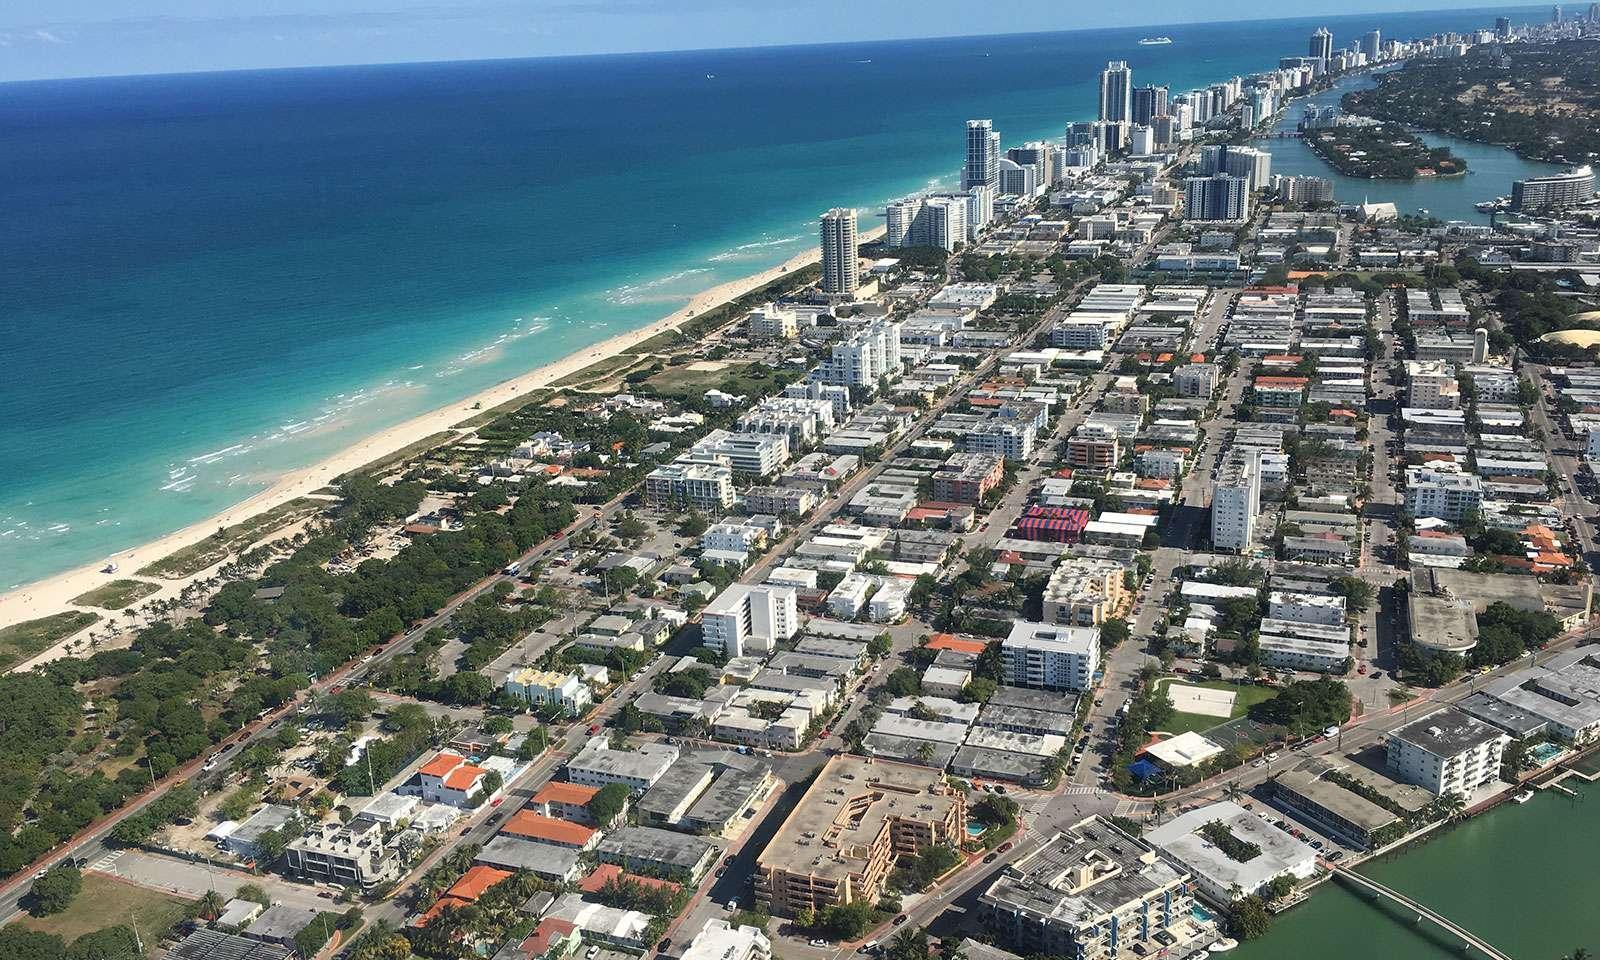 Ver Miami desde el aire